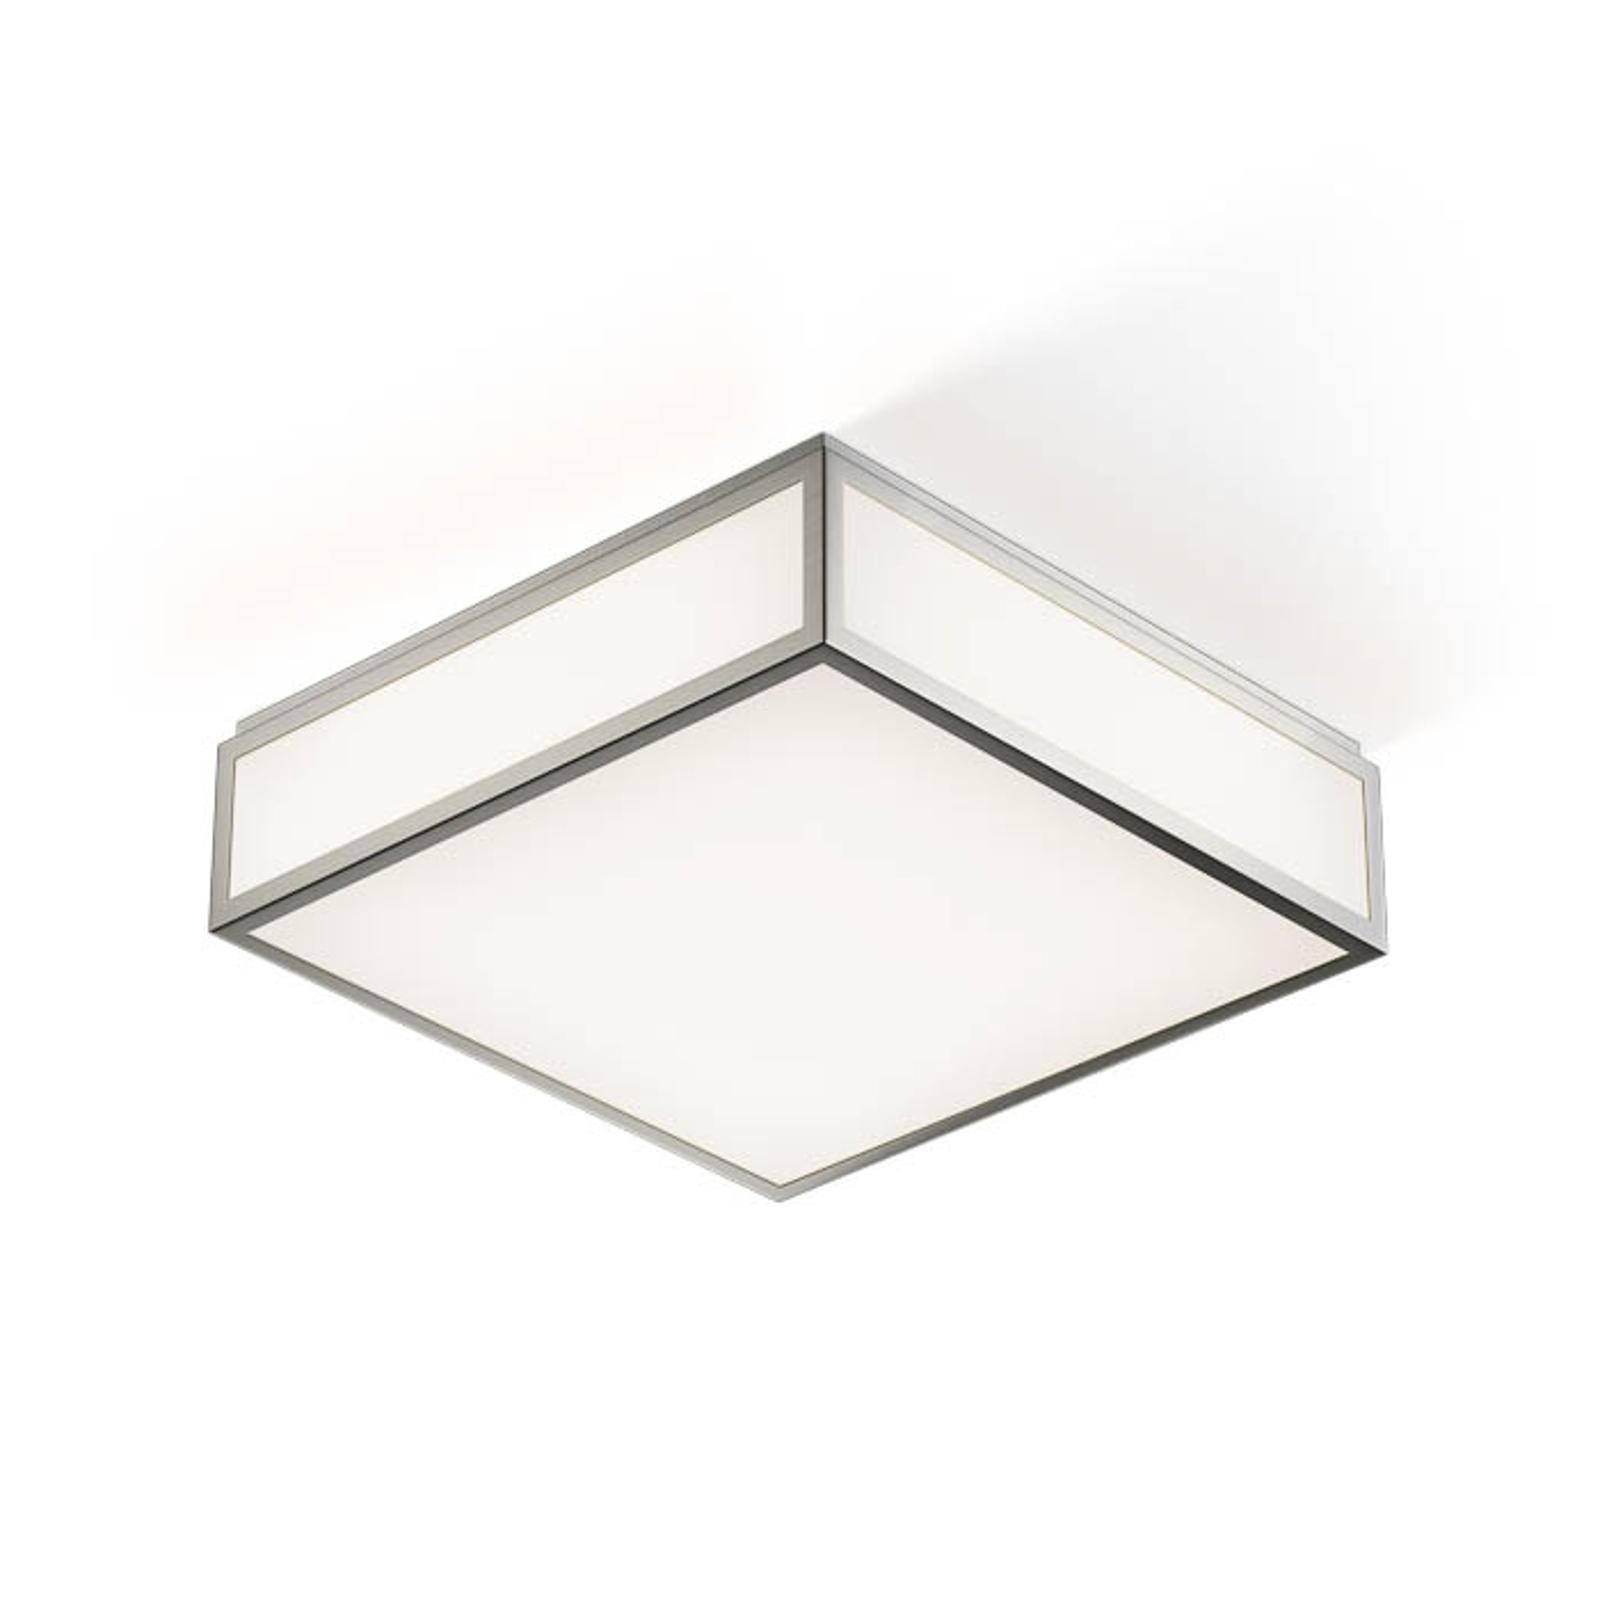 Decor Walther Bauhaus 3 N LED-Deckenleuchte nickel